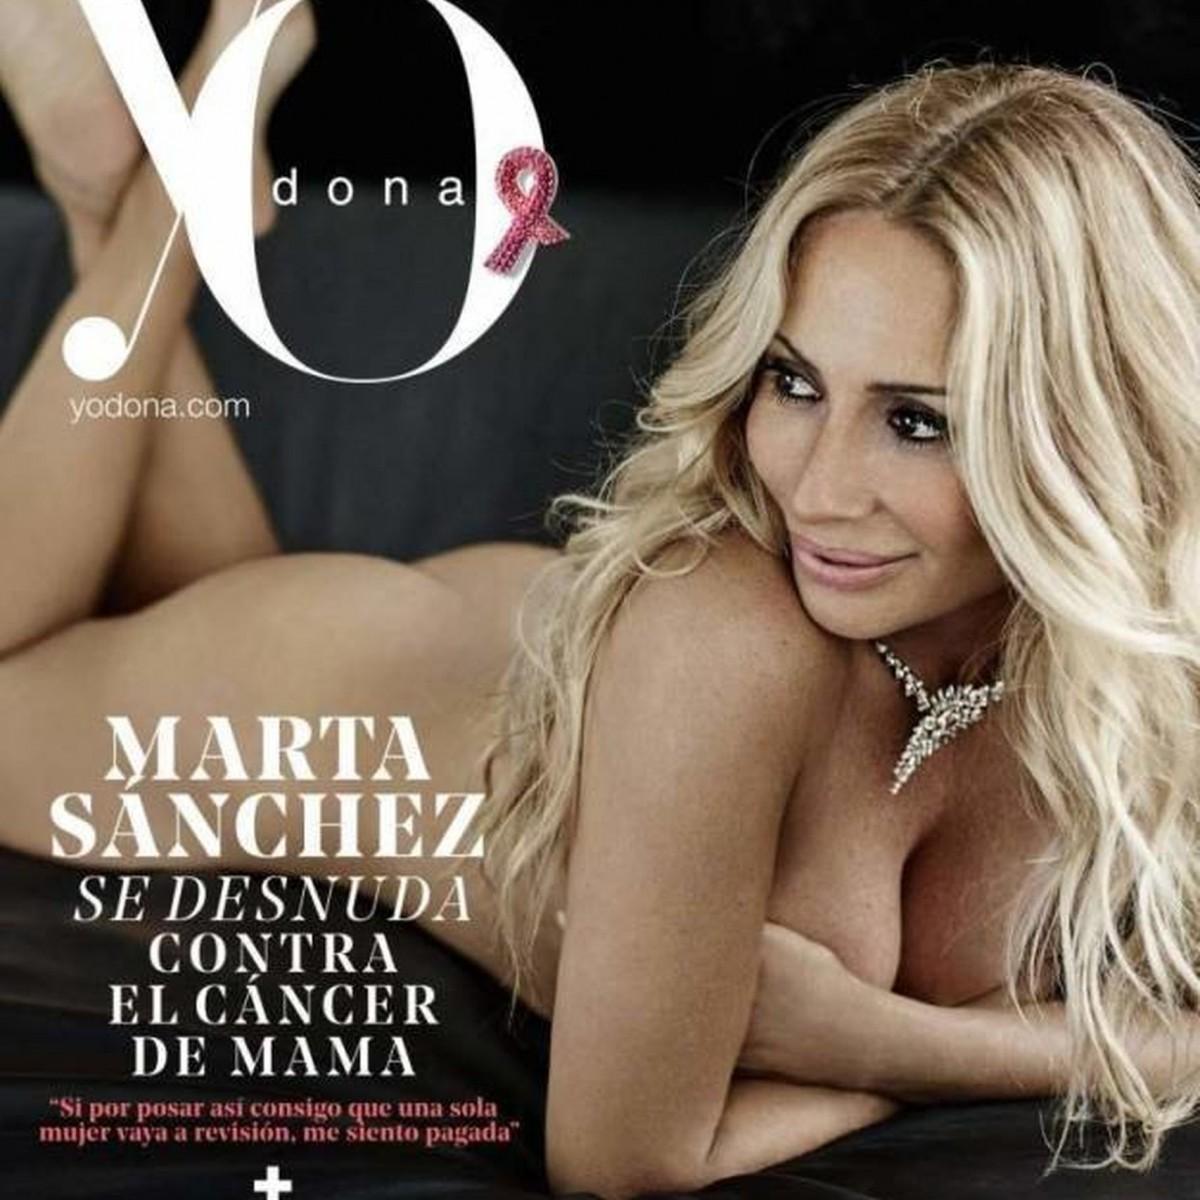 Marta Sánchez Se Desnuda En Su Lucha Contra El Cáncer